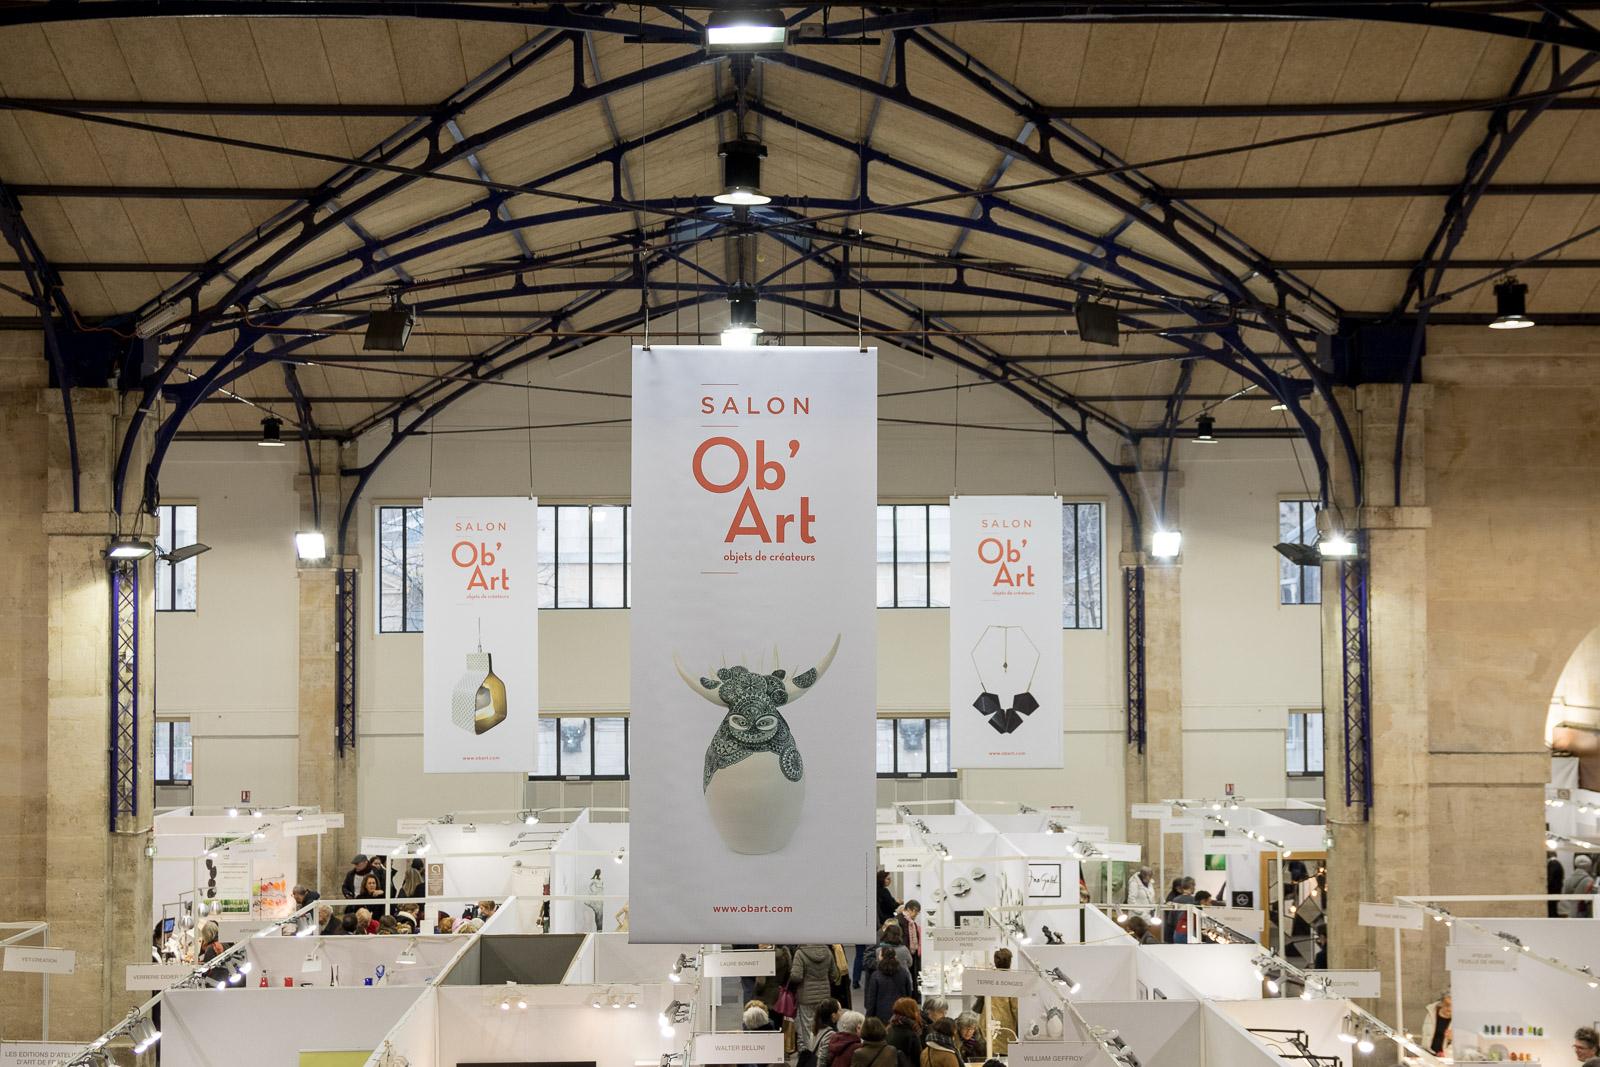 LE SALON DES METIERS D'ART OB'ART PARIS INVESTIT L'ESPACE DES BLANCS MANTEAUX POUR SA 21EME EDITION